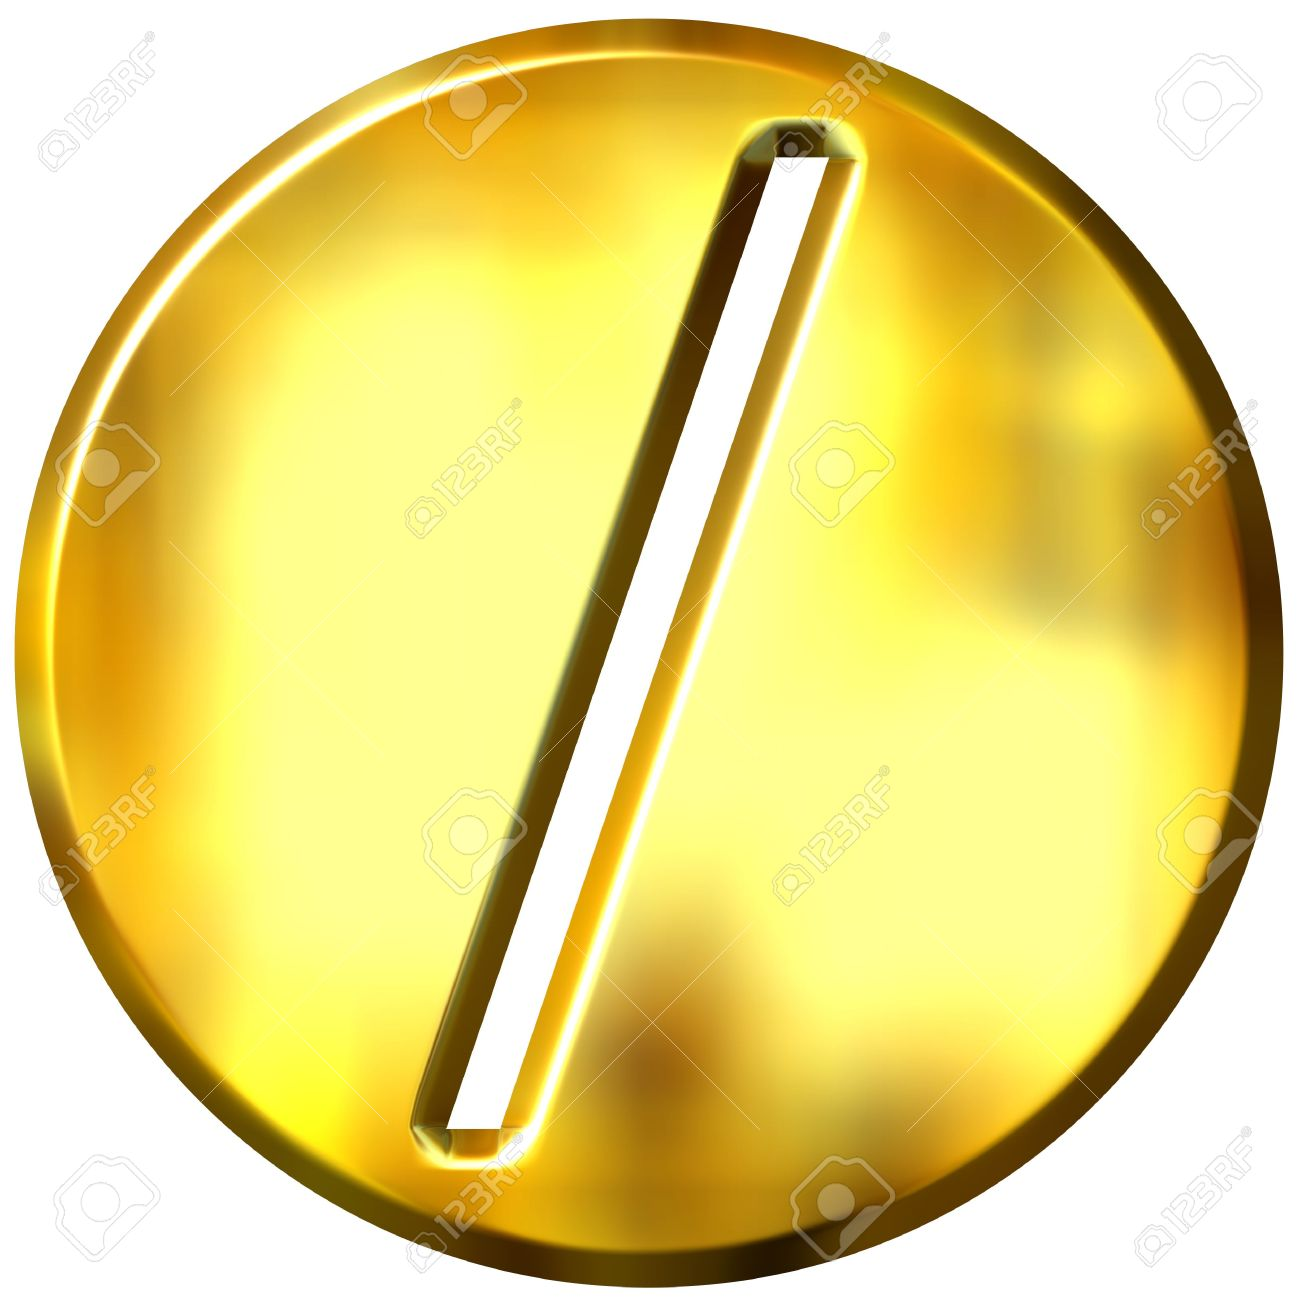 3d golden framed division symbol Stock Photo - 3241420